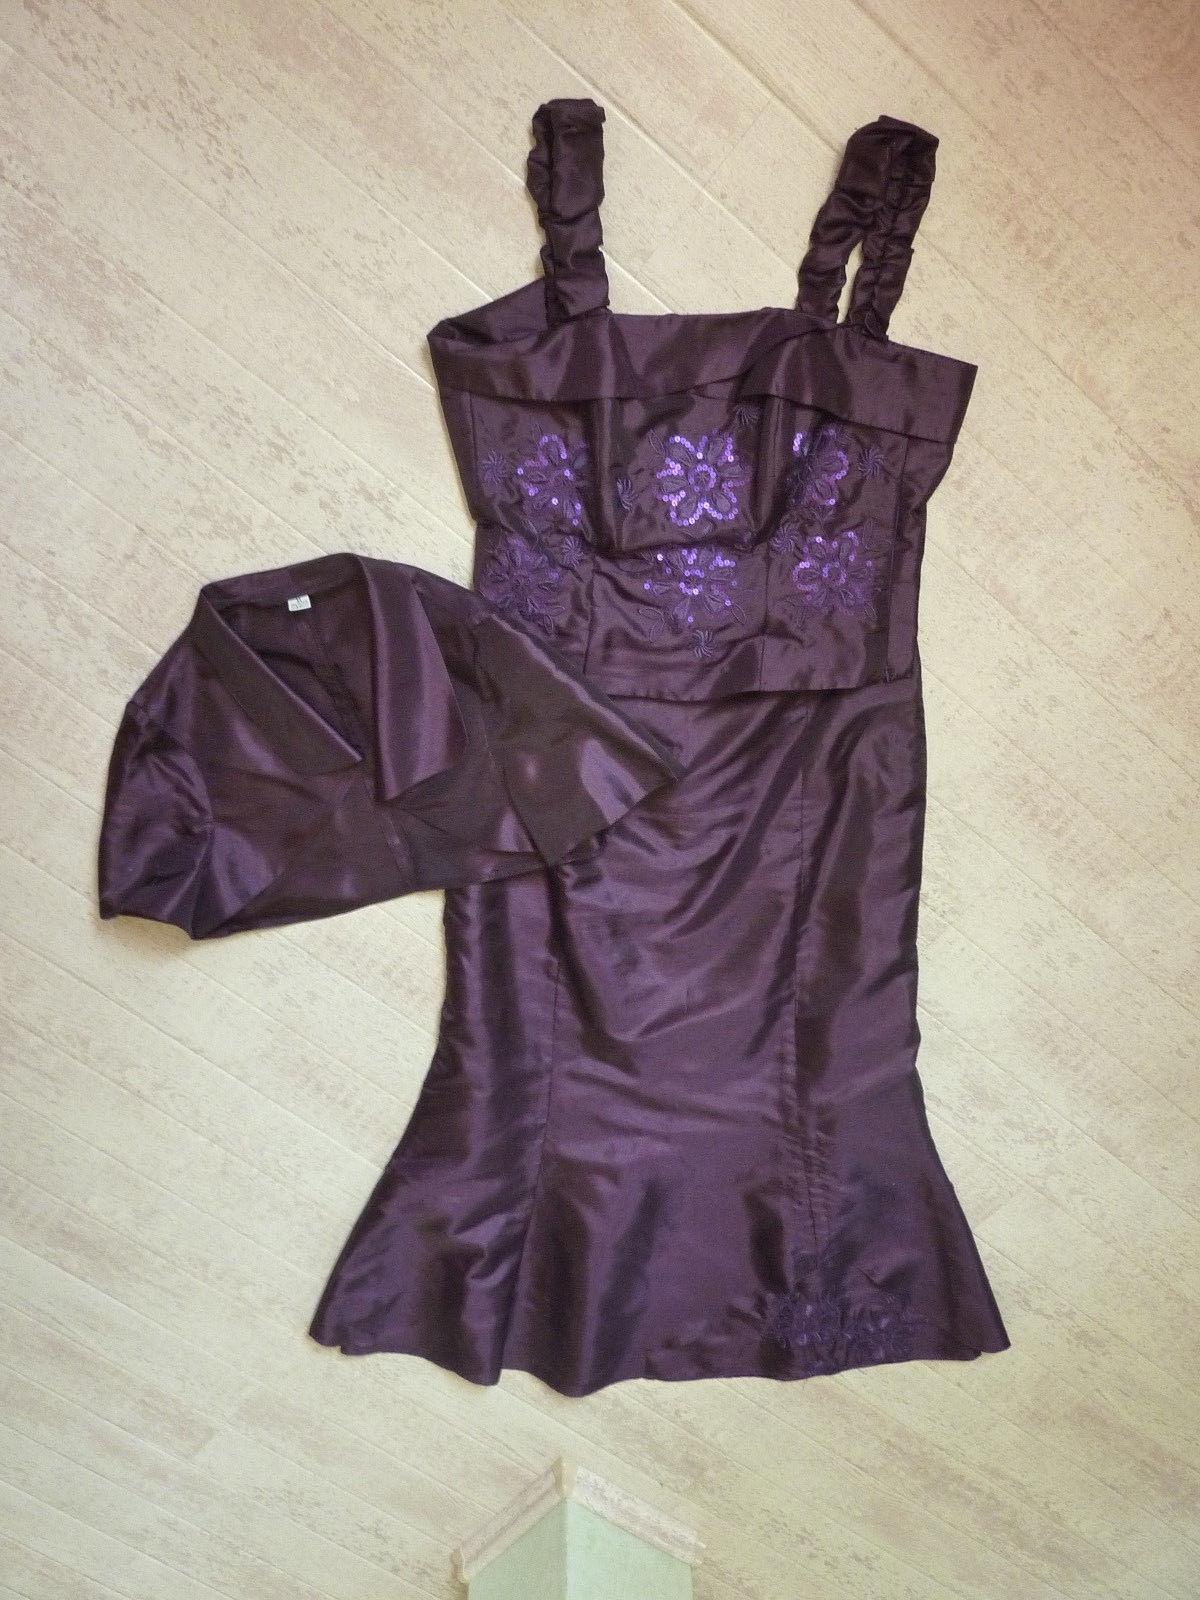 Einfach Festtagskleider Knielang Design10 Cool Festtagskleider Knielang für 2019